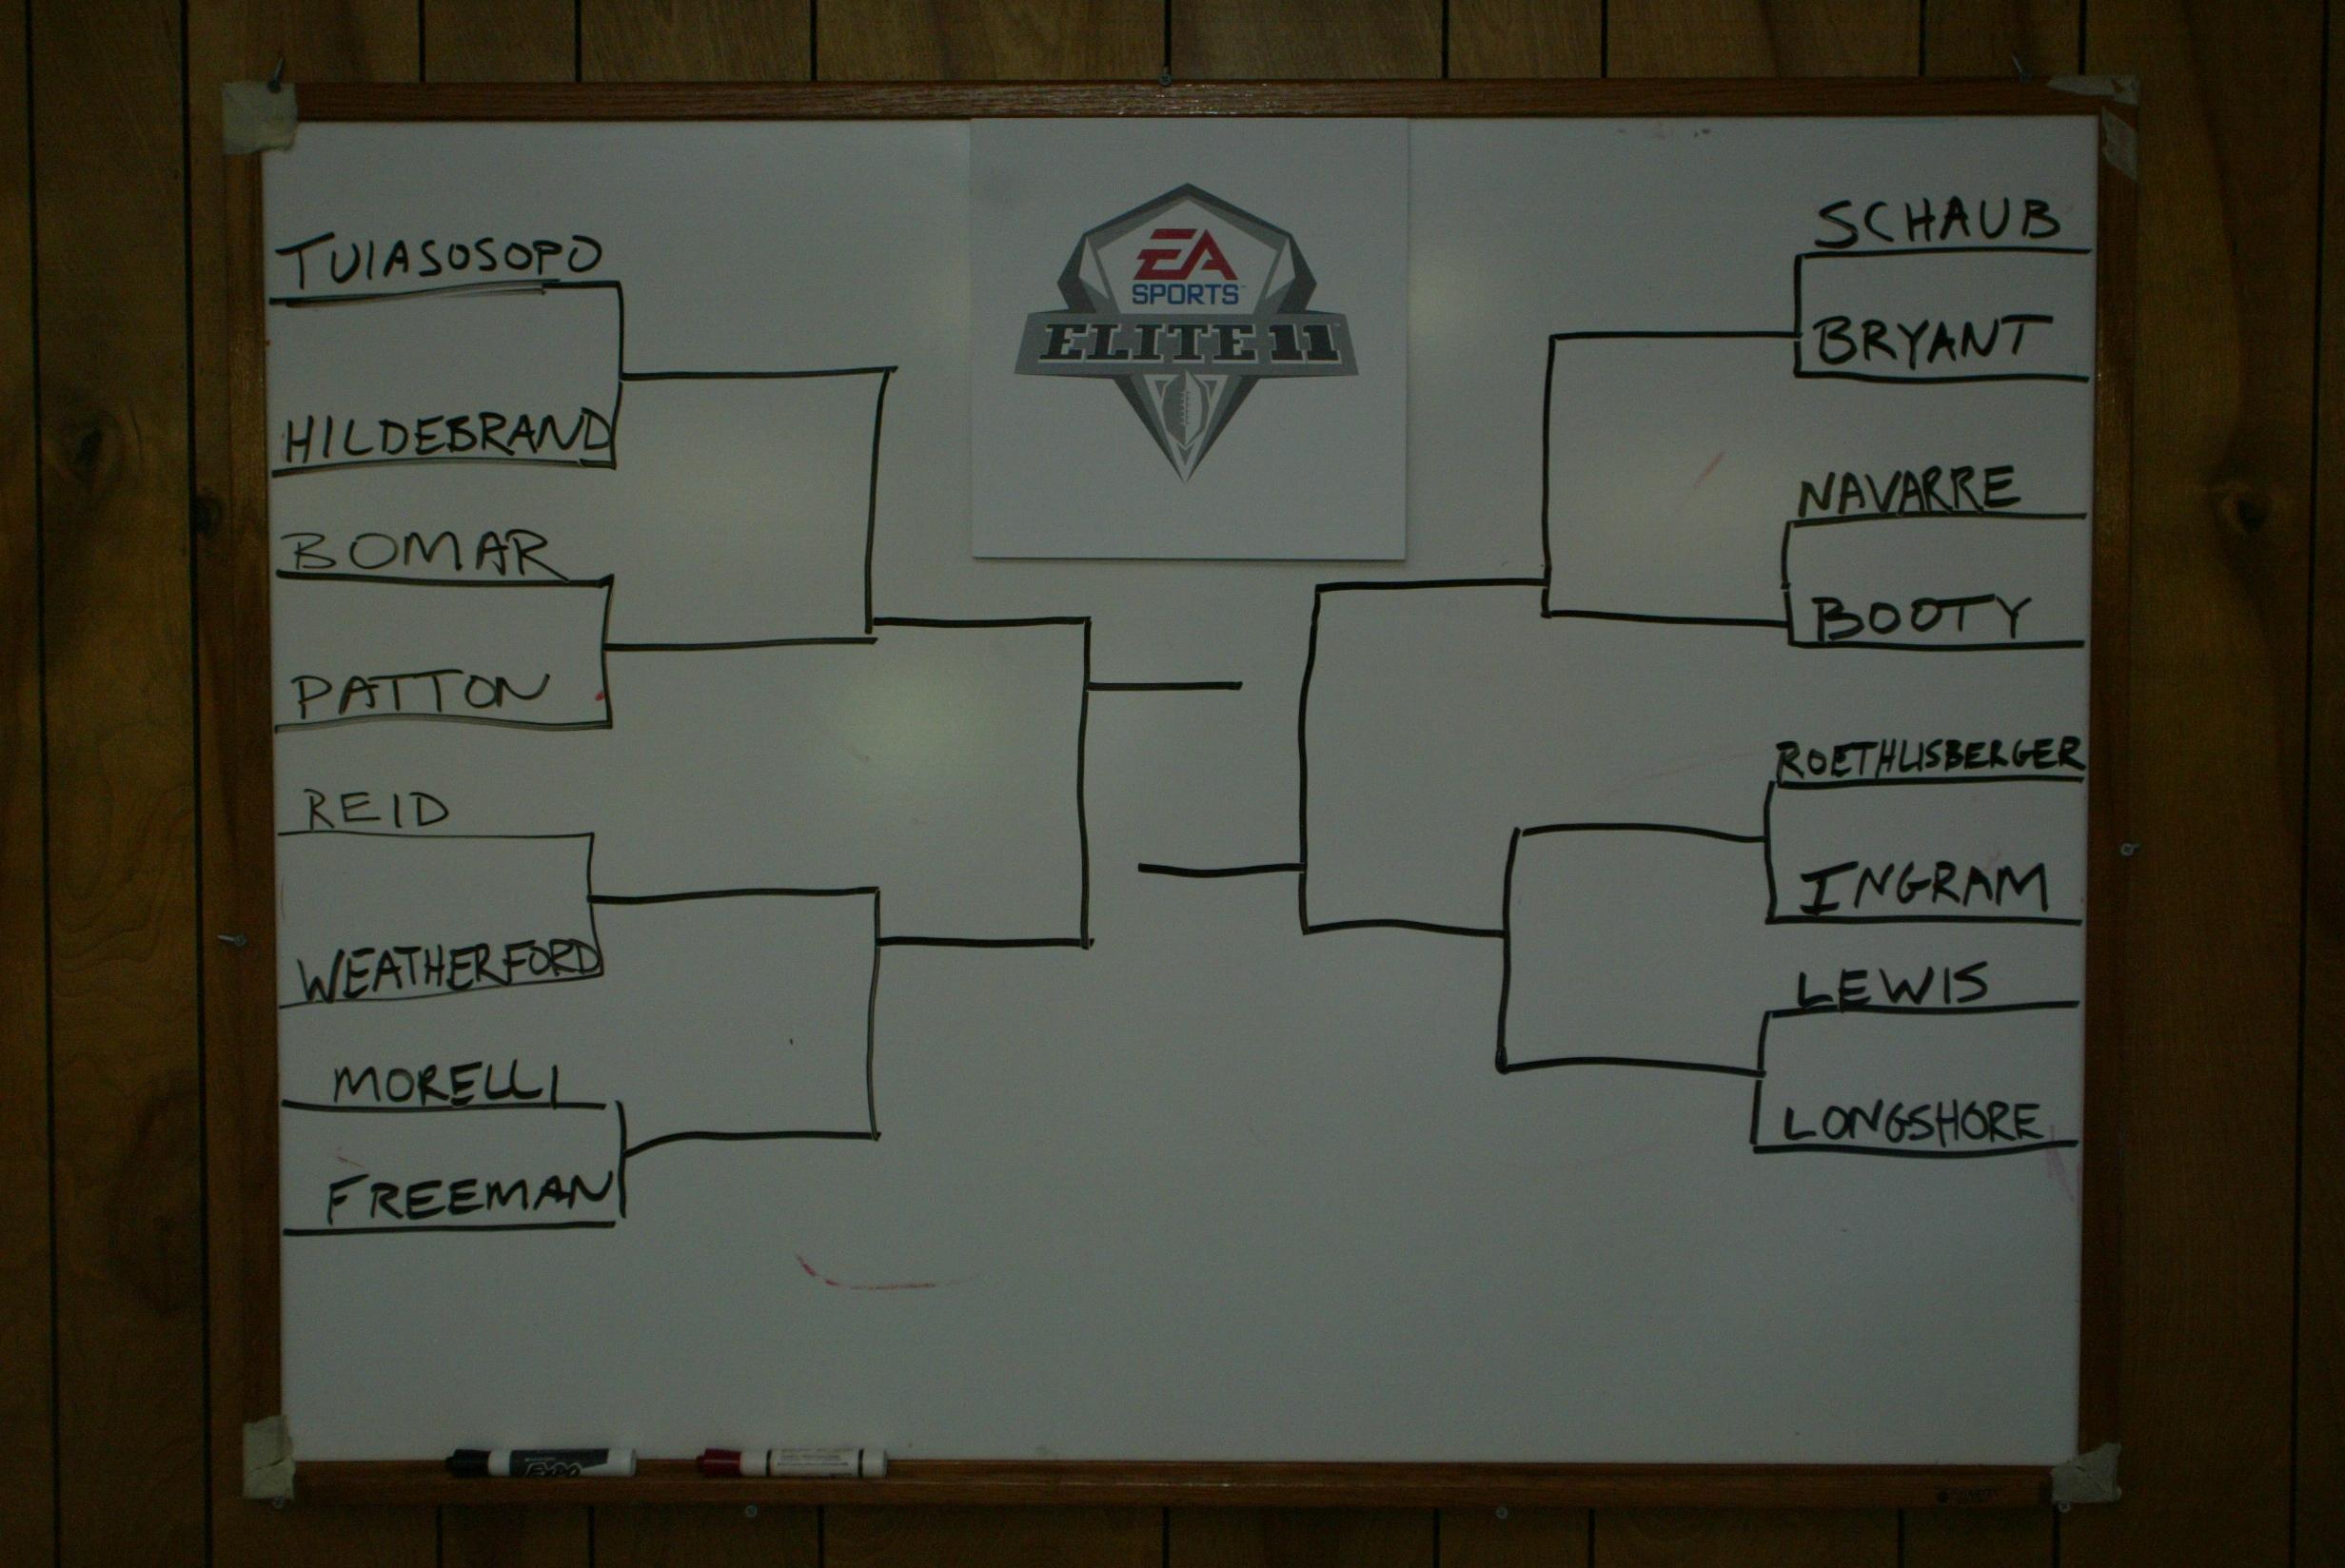 Elite 11 NCAA Tournament Bracket